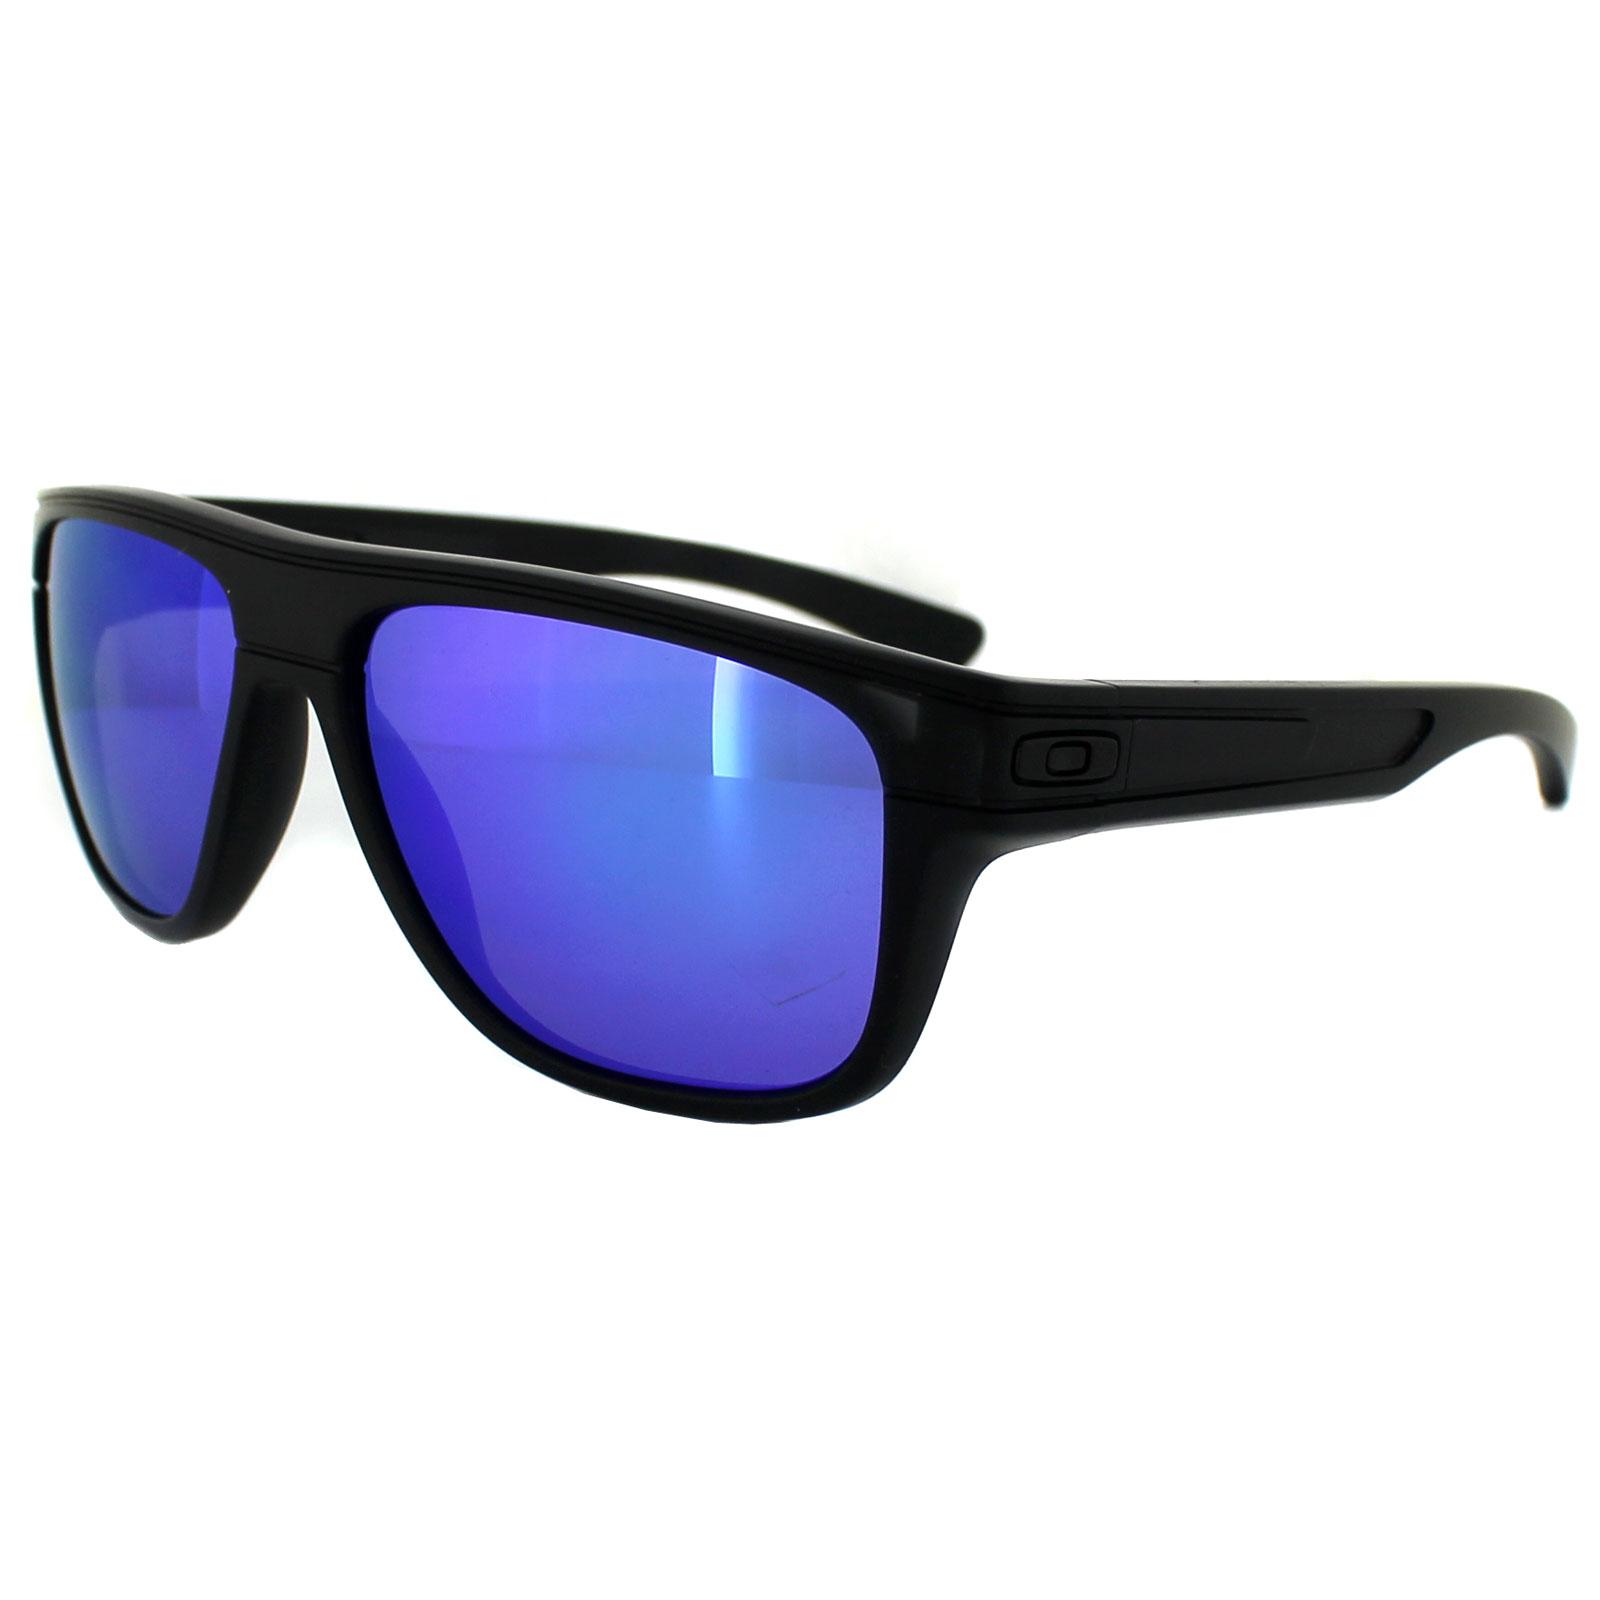 Oakley Sunglasses Gascan Ebay